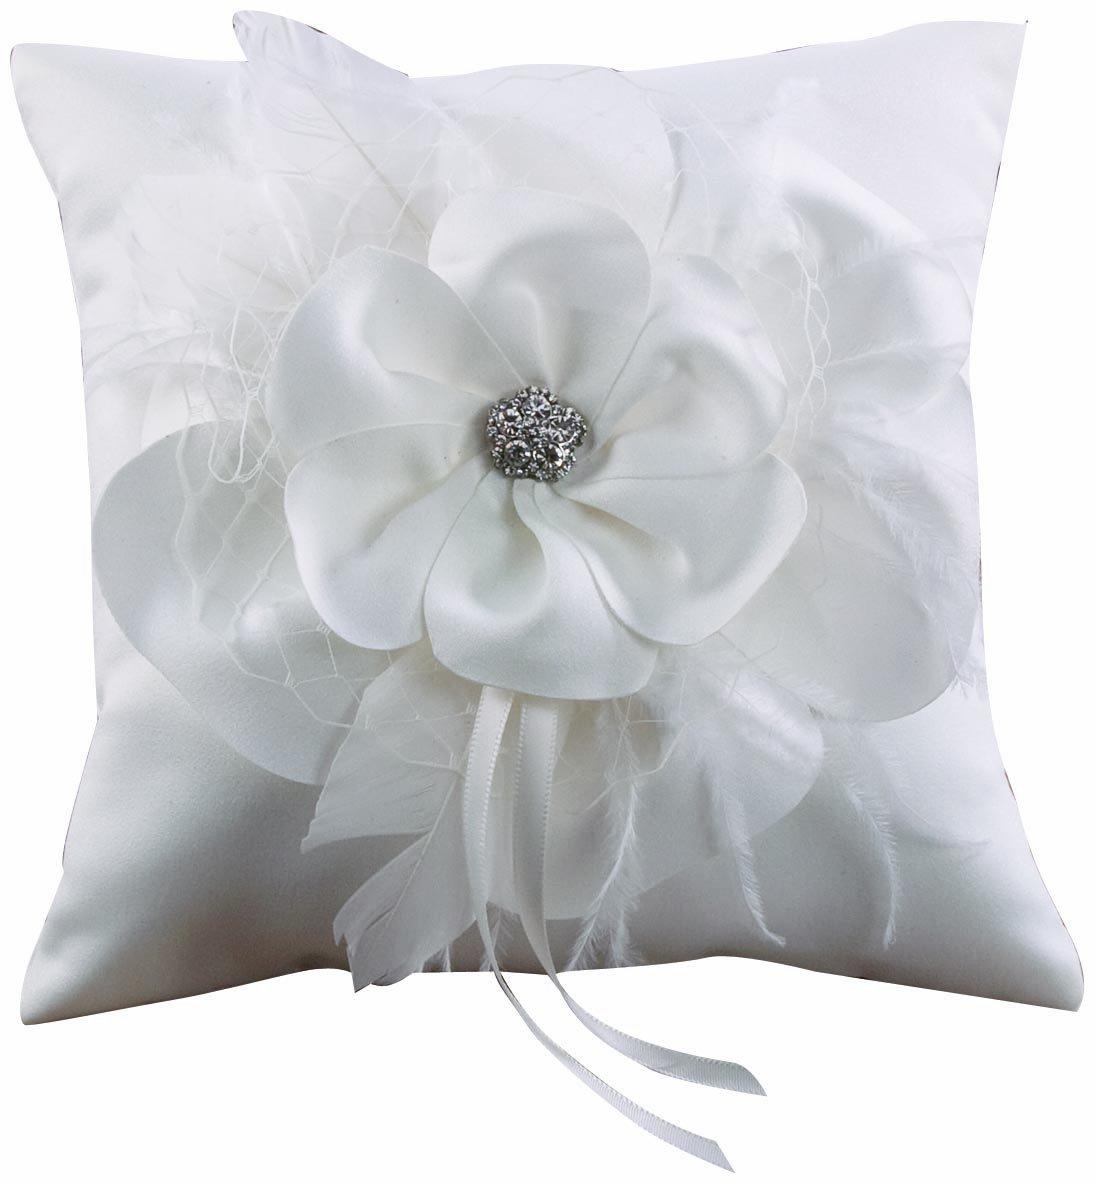 Ivy Lane Design Somerset Collection Ring Pillow, White